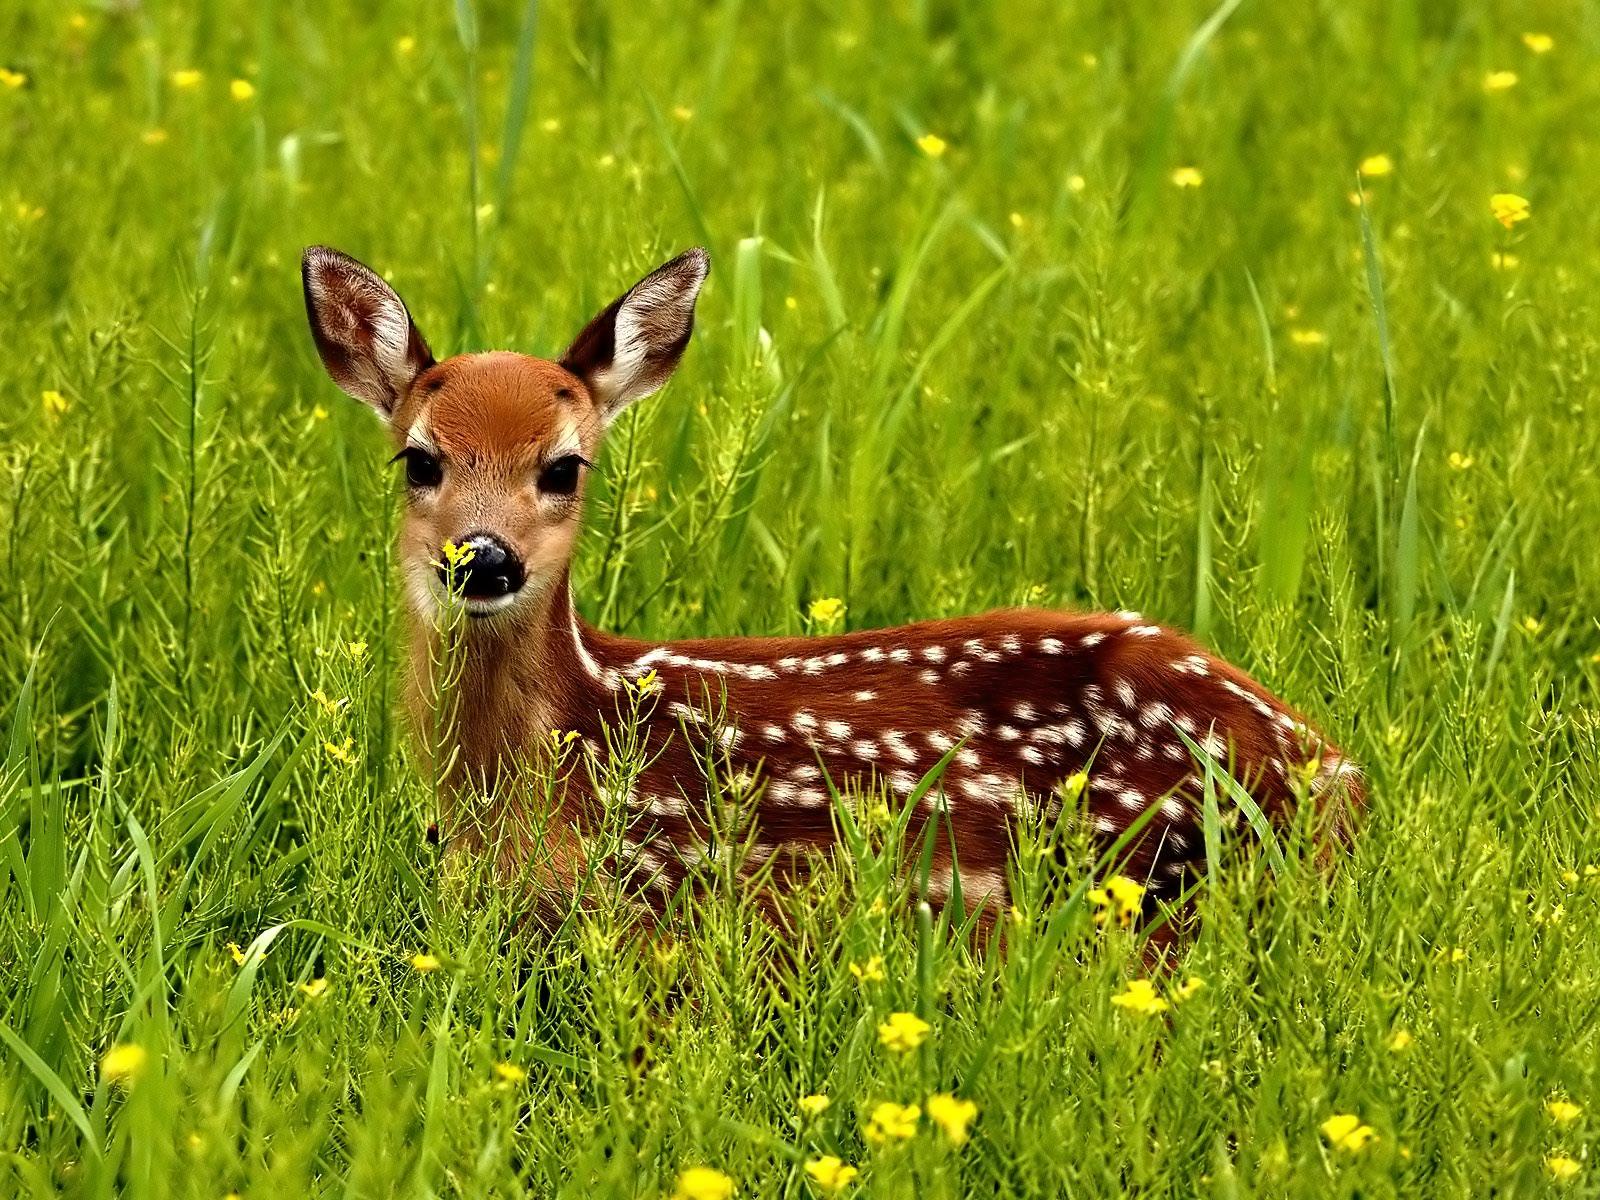 Baby deer Blank Template - Imgflip